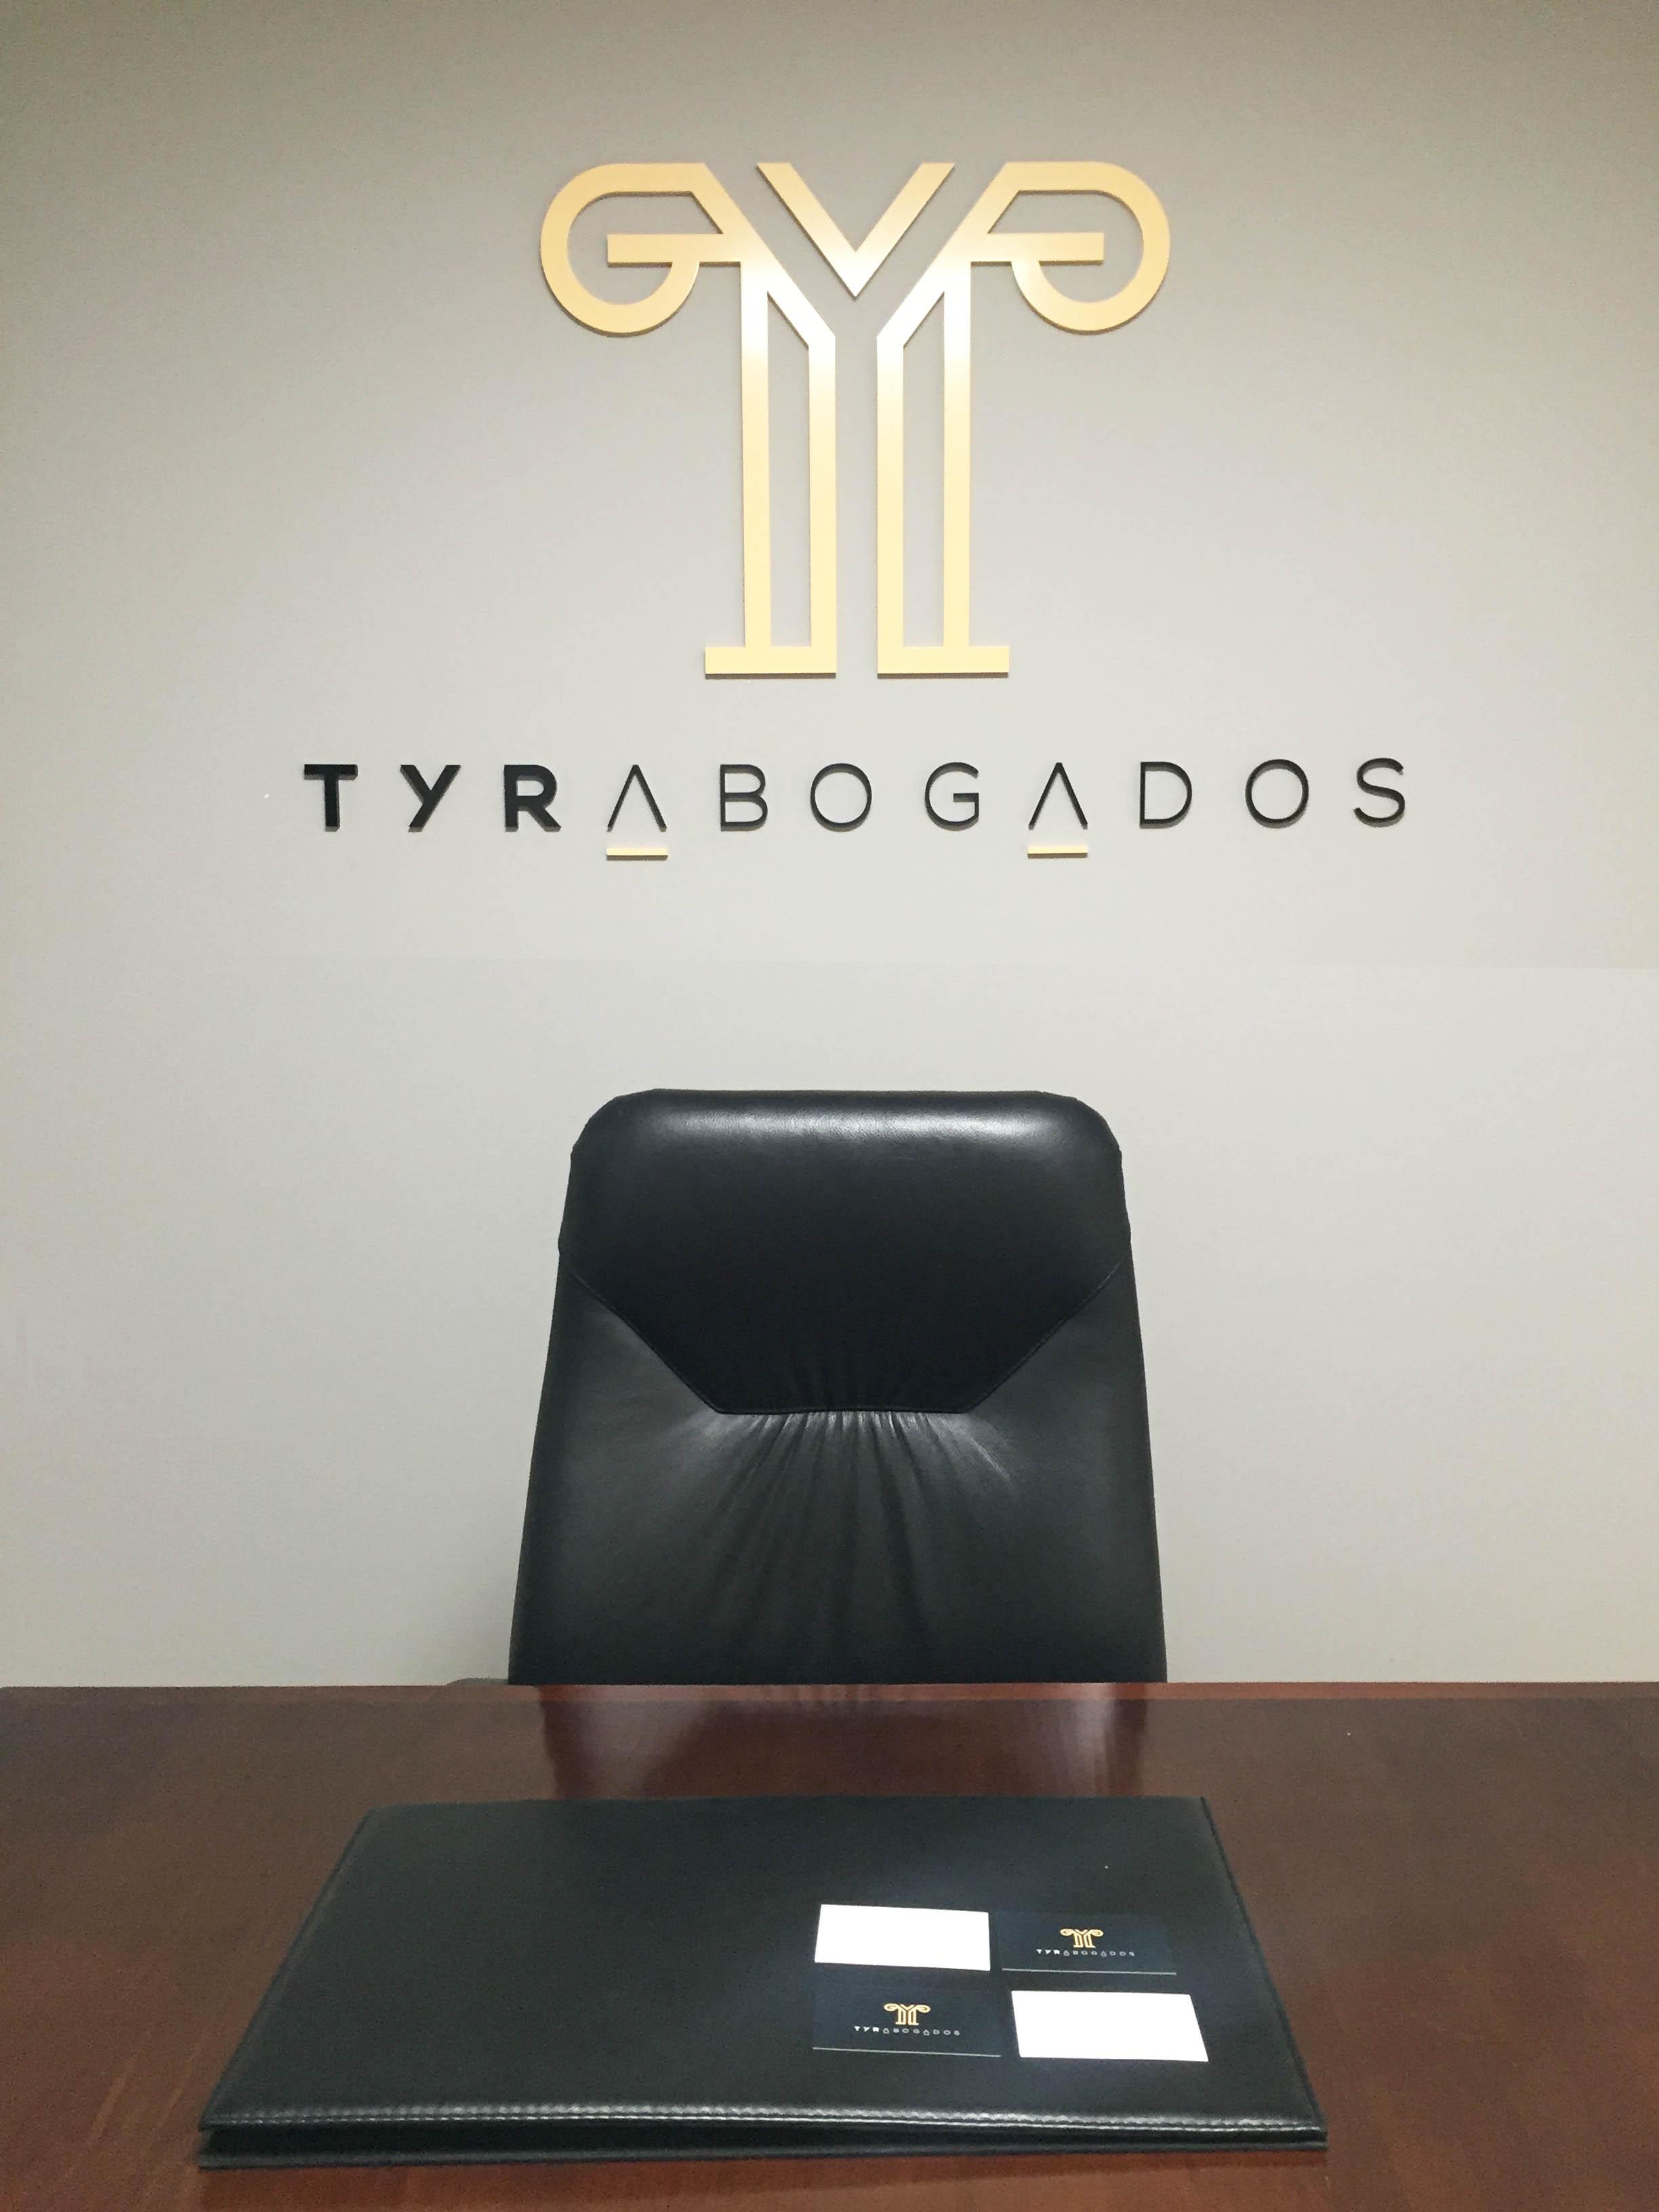 DISEÑO DE INTERIORES 3 TYR ABOGADOS REKLAM PUBLICIDAD